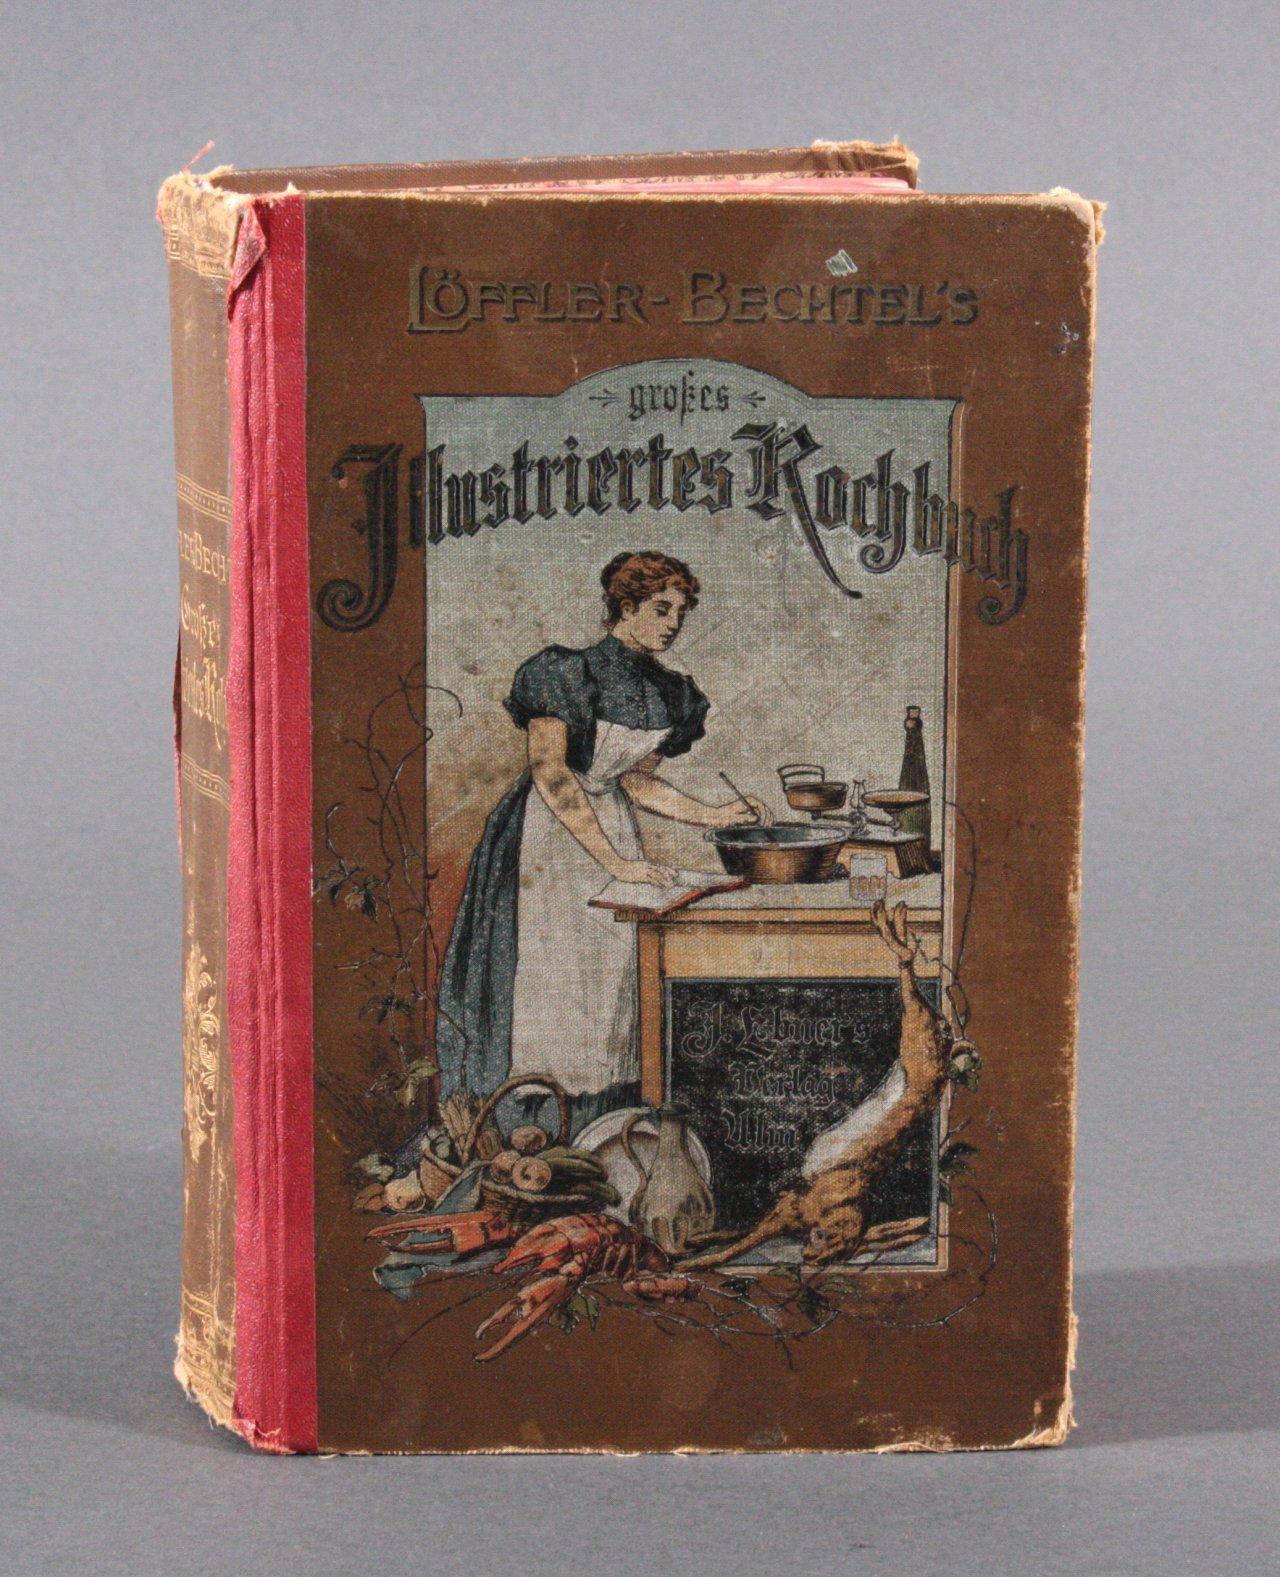 Löffler-Bechtel, Großes Illustriertes Kochbuch